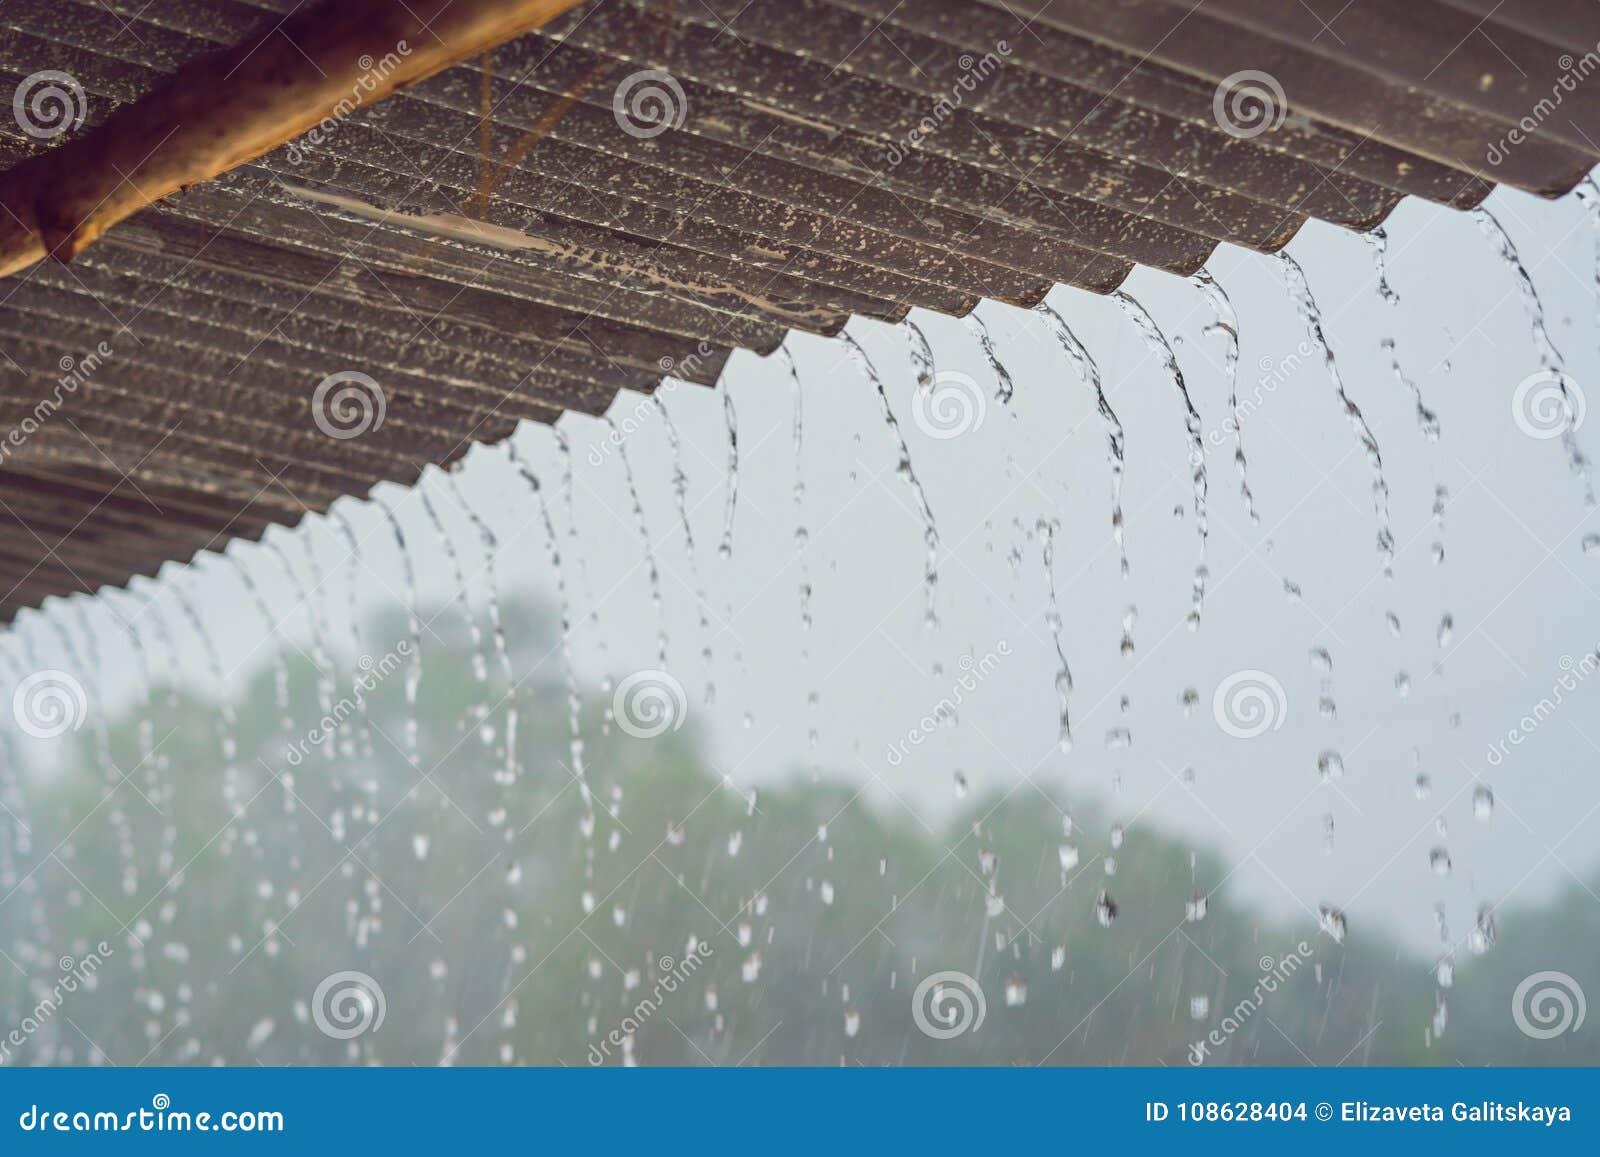 De tropische regen splitst van het dak op